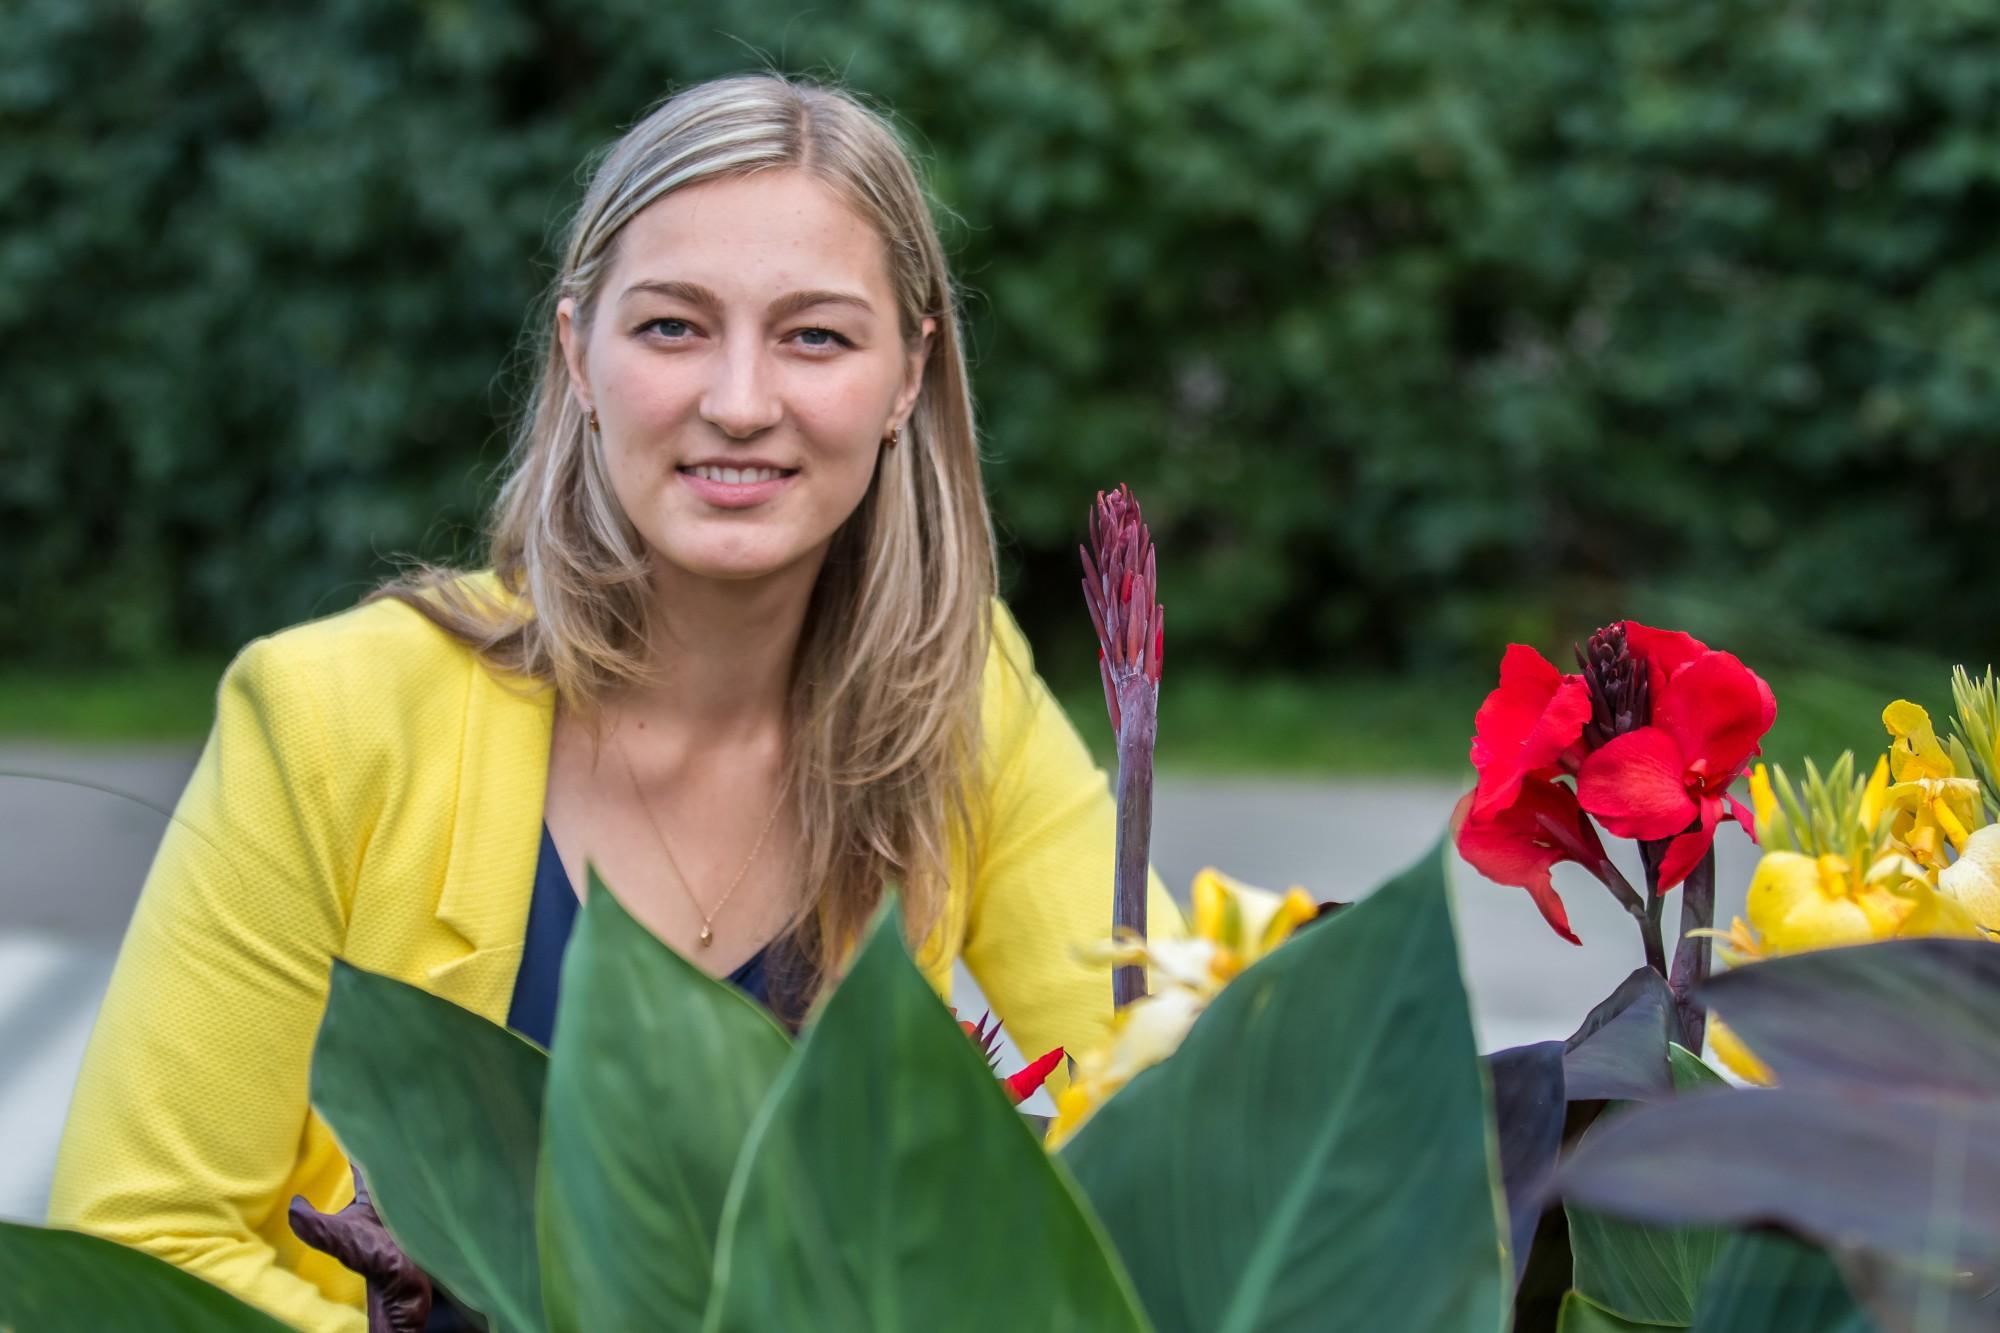 Kitija Pinkovska: Ārpus skolas gūtajai pieredzei ir liela vērtība